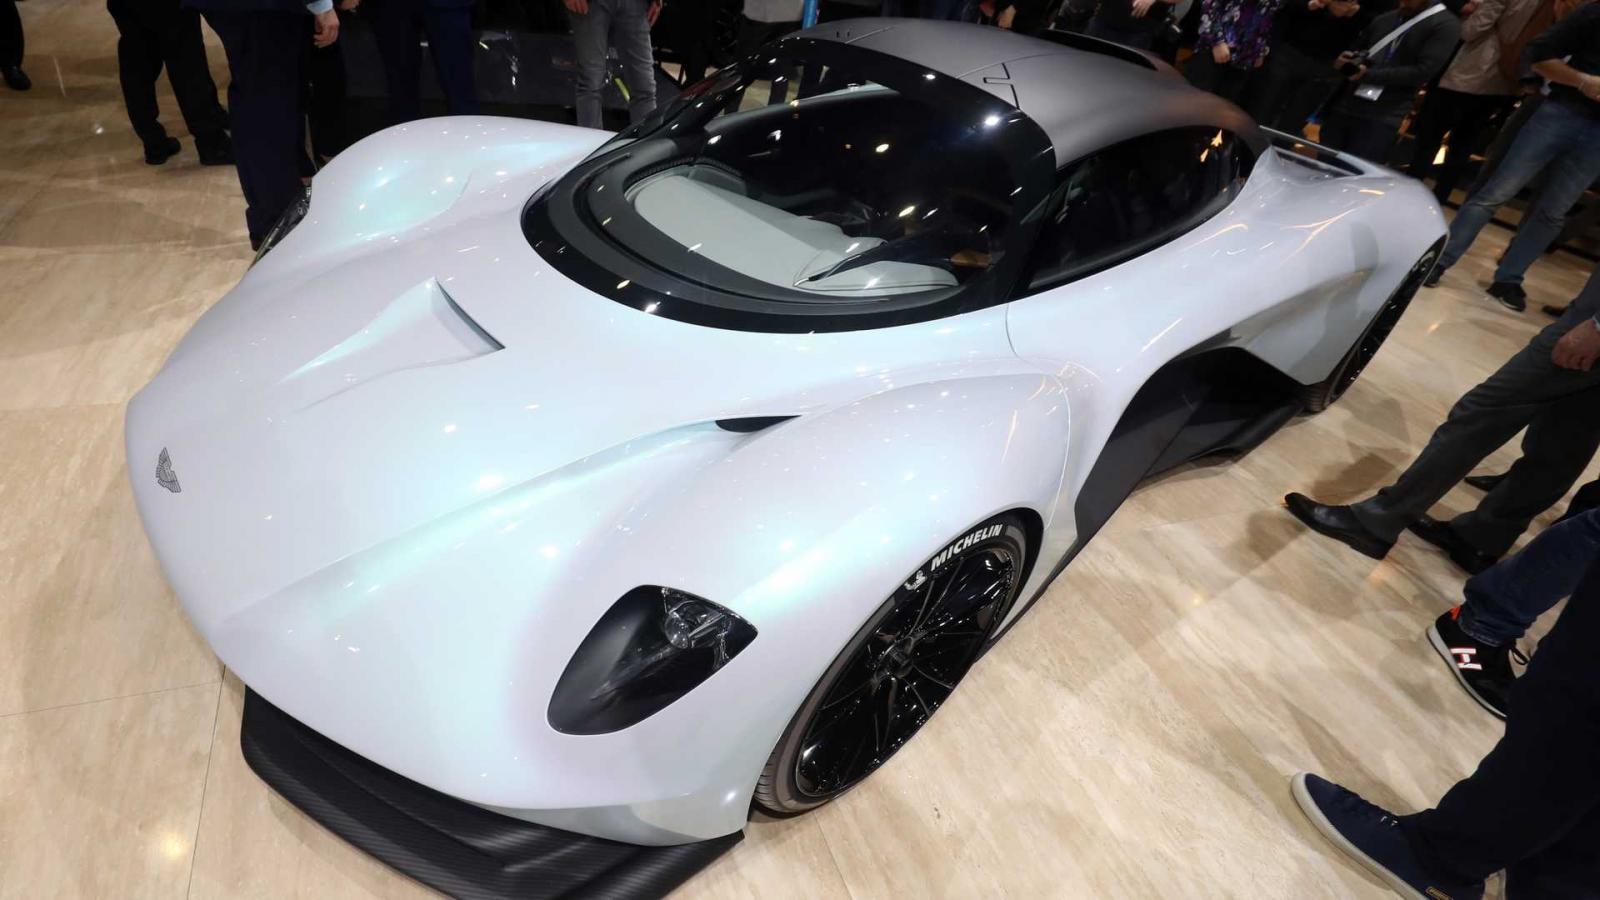 Mẫu siêu xe hoàn toàn mới Aston Martin AM-RB 003 chịu nhiều ảnh hưởng thiết kế từ Aston Martin Valkyrie